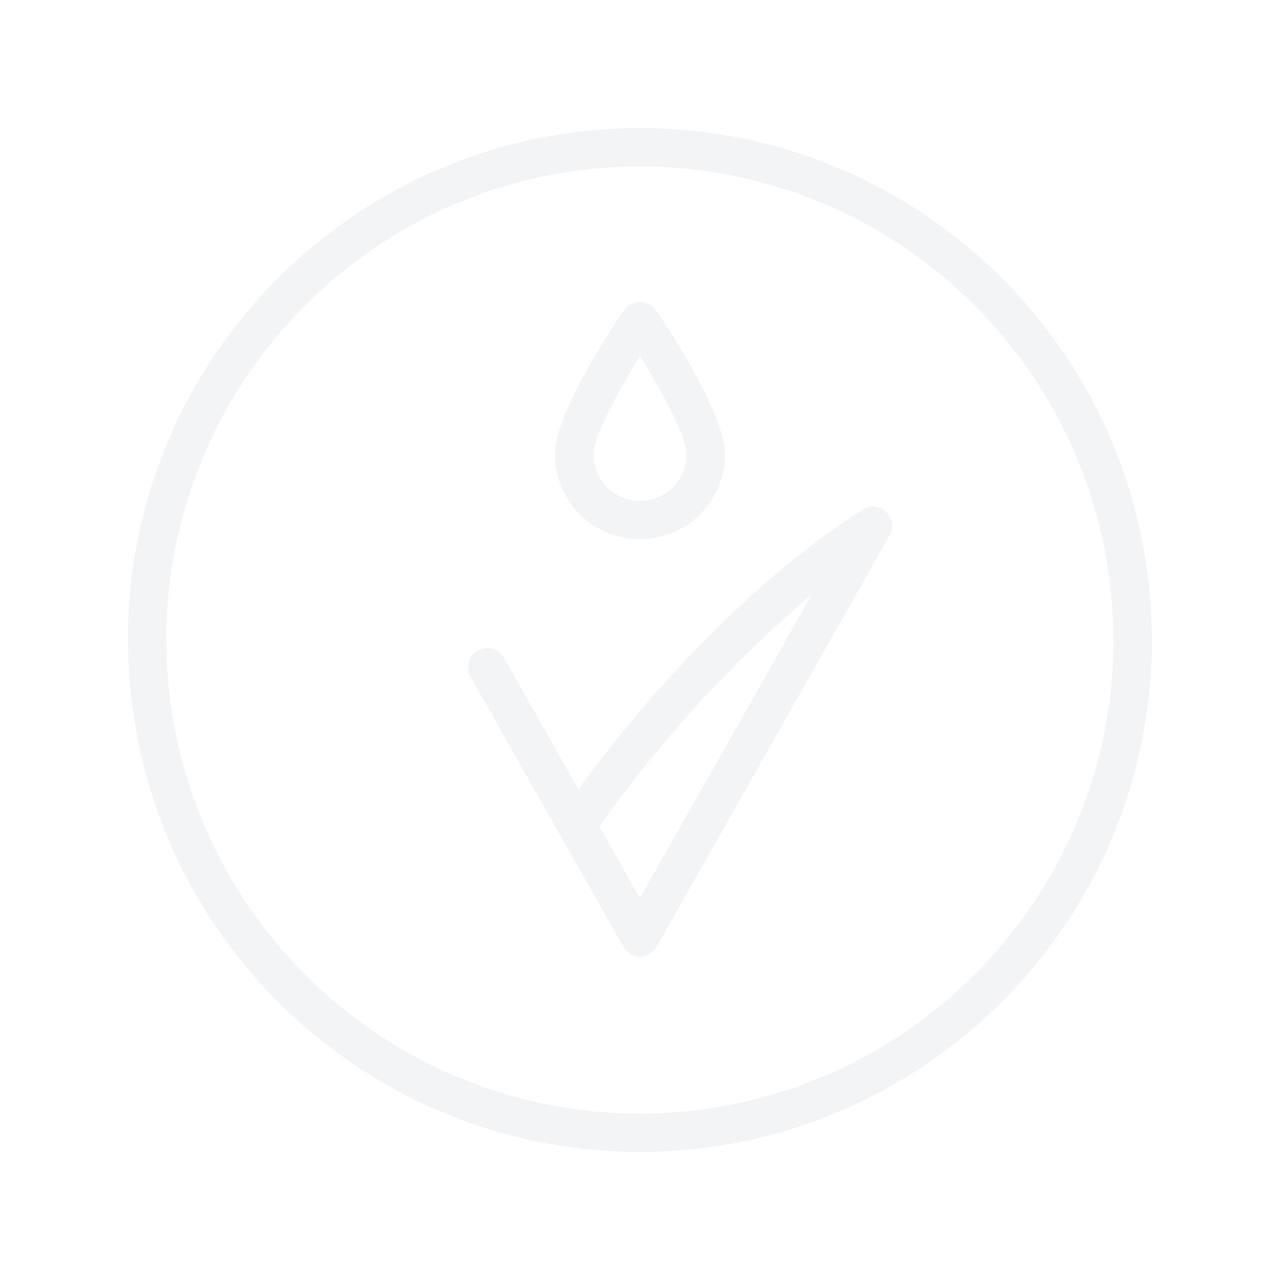 KIDS STUFF CRAZY Colour Changing Bubble Bath (Red/Blue) 300ml